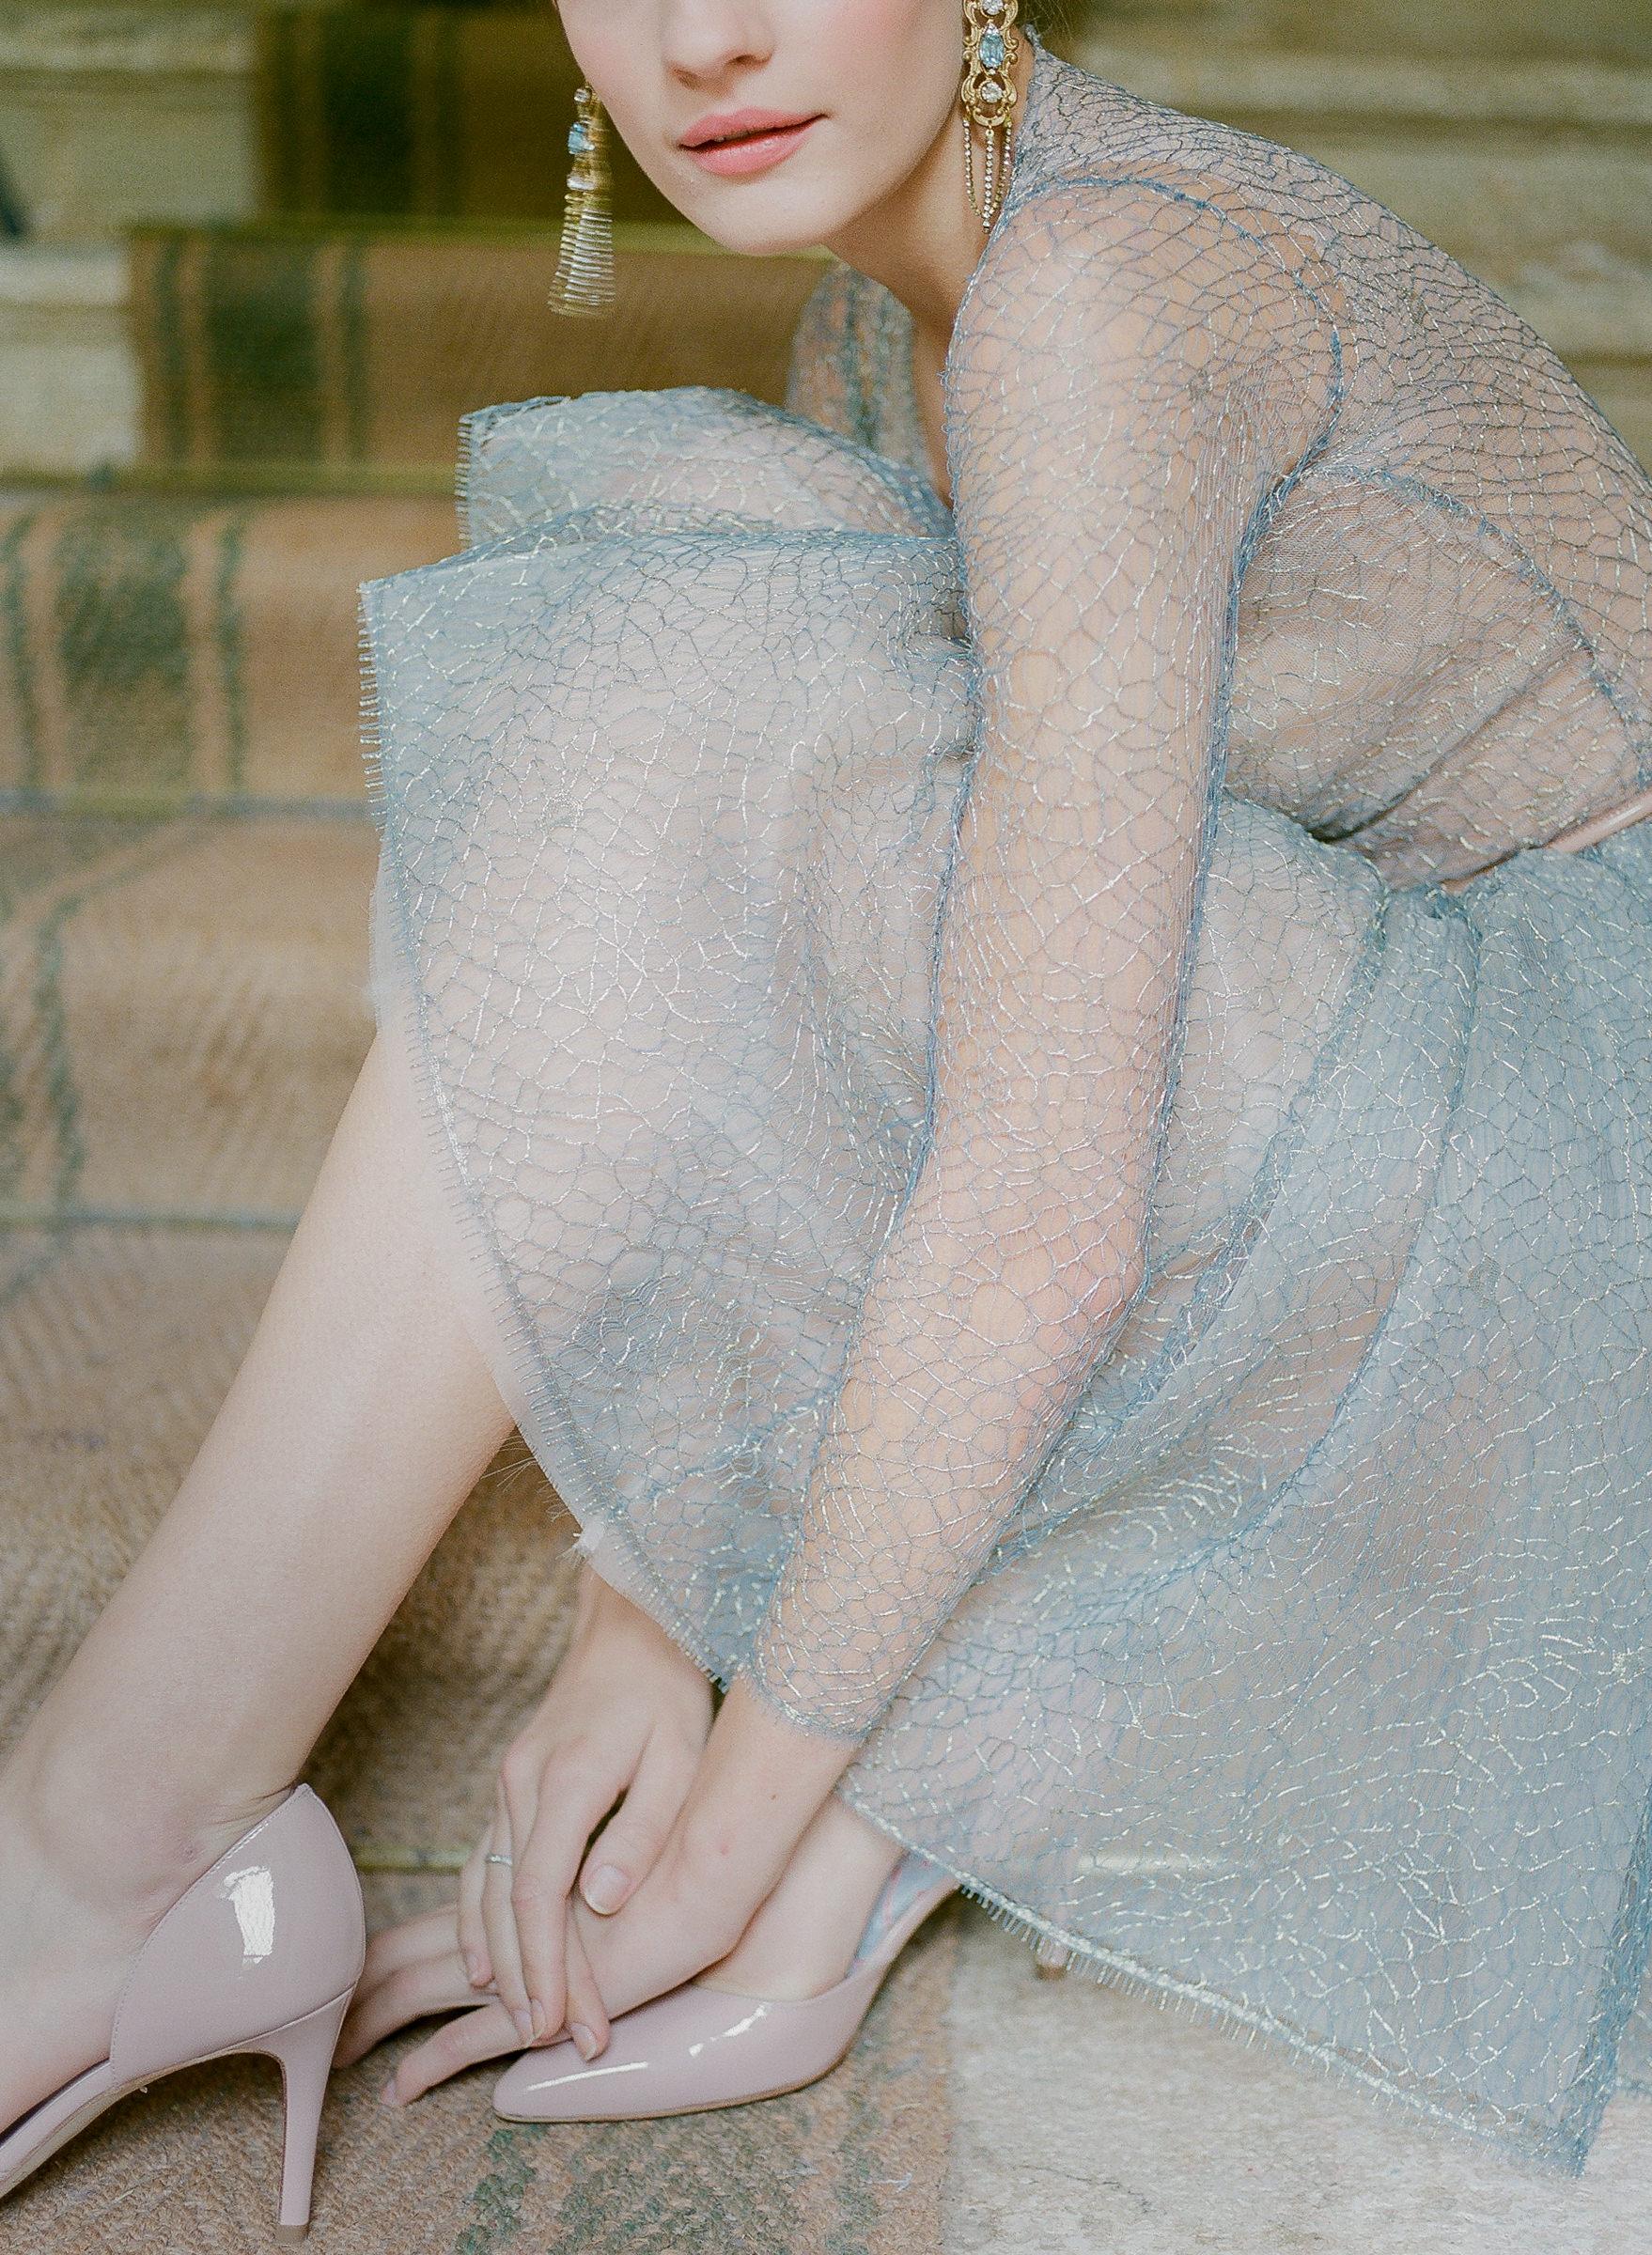 Light blue sheer wedding dress with short skirt  - photo by Corbin Gurkin